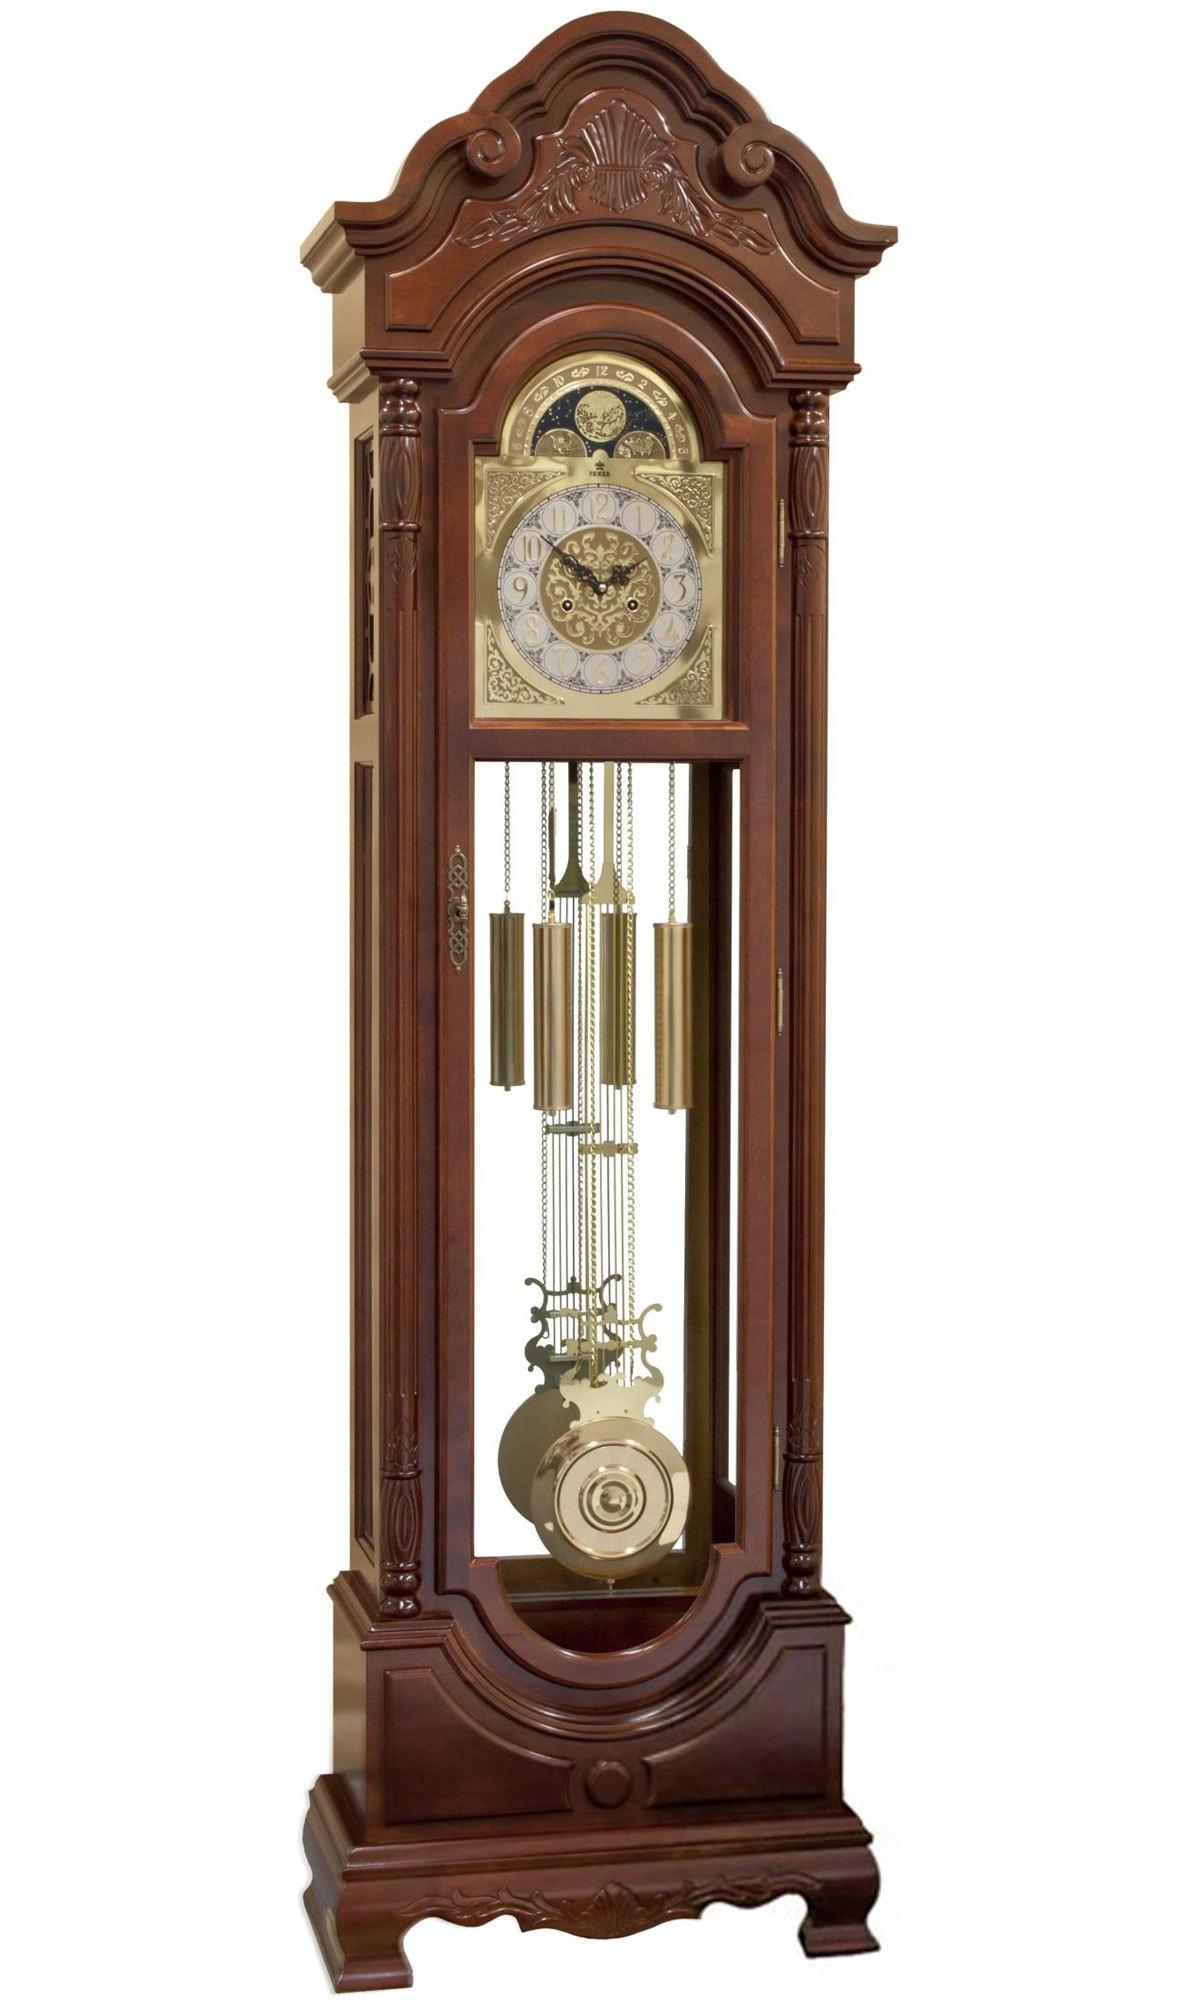 Часы напольные Часы напольные Power MG2323F-11 chasy-napolnye-power-mg2323f-11-kitay.jpg